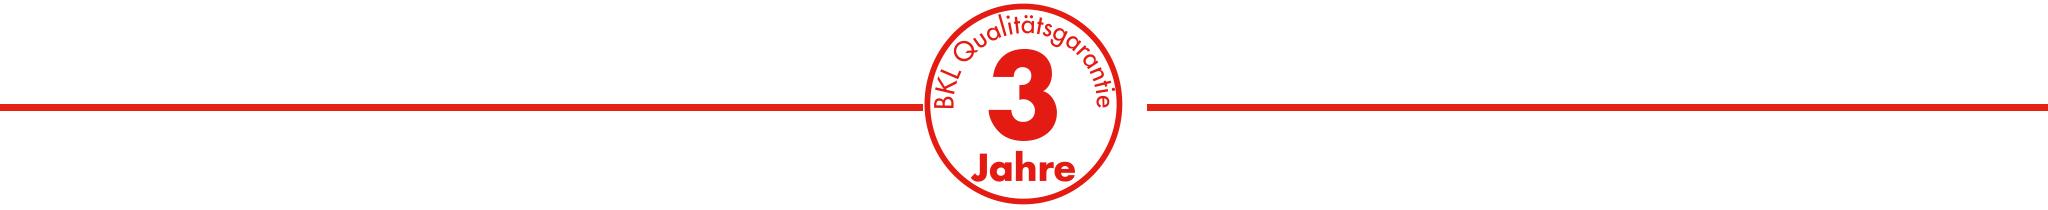 3 Jahre BKL Qualitätsgarantie für Neukrane aus dem BKL System Cattaneo